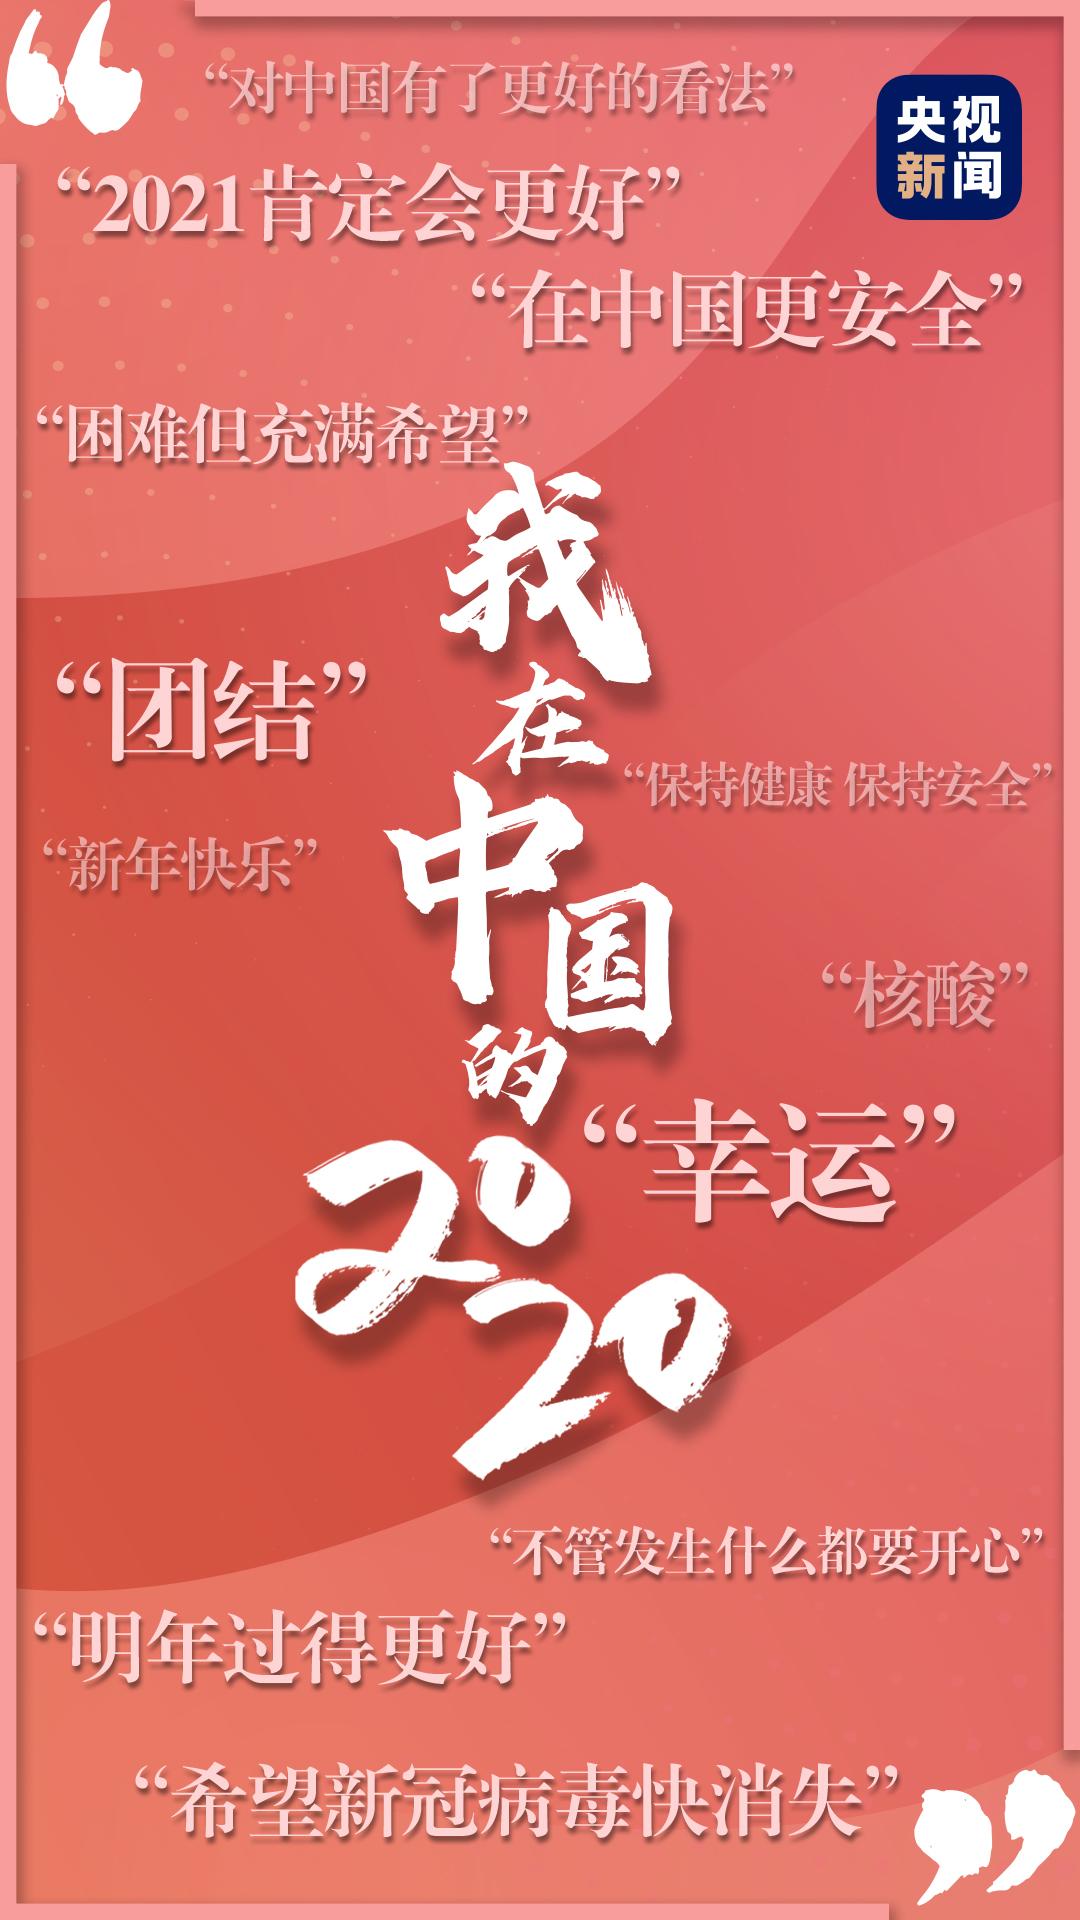 电银付小盟主(dianyinzhifu.com):我在中国的2020丨这一年 让我们对中国有更深熟悉 第1张